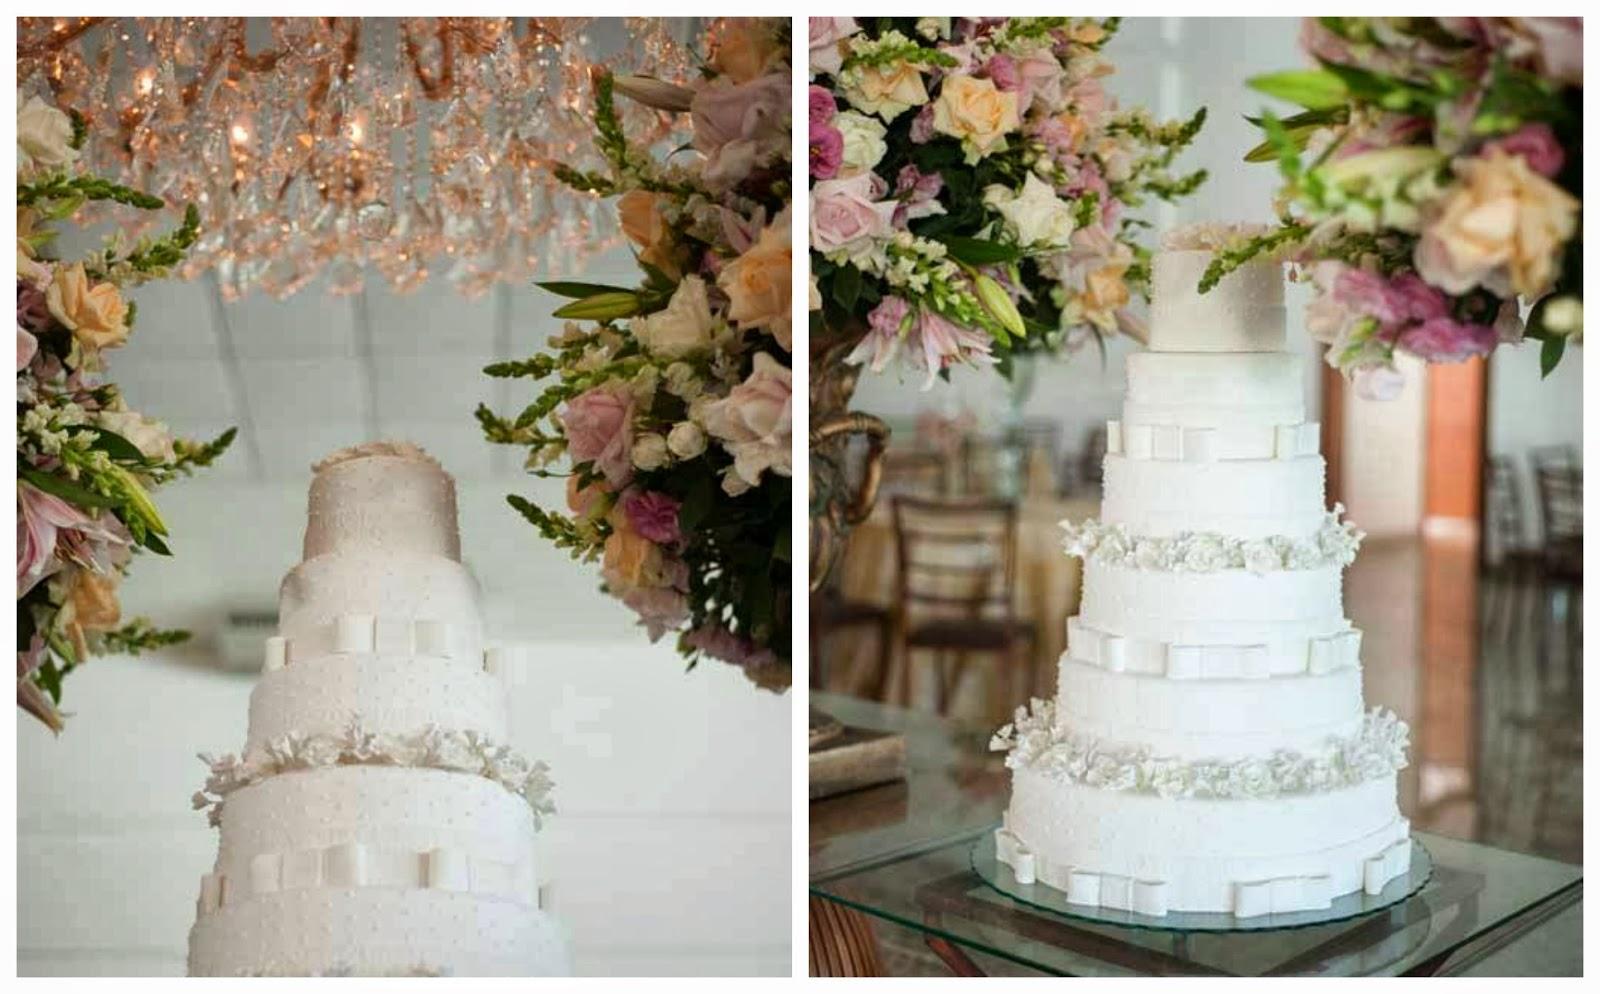 casamento-sitio-bolo